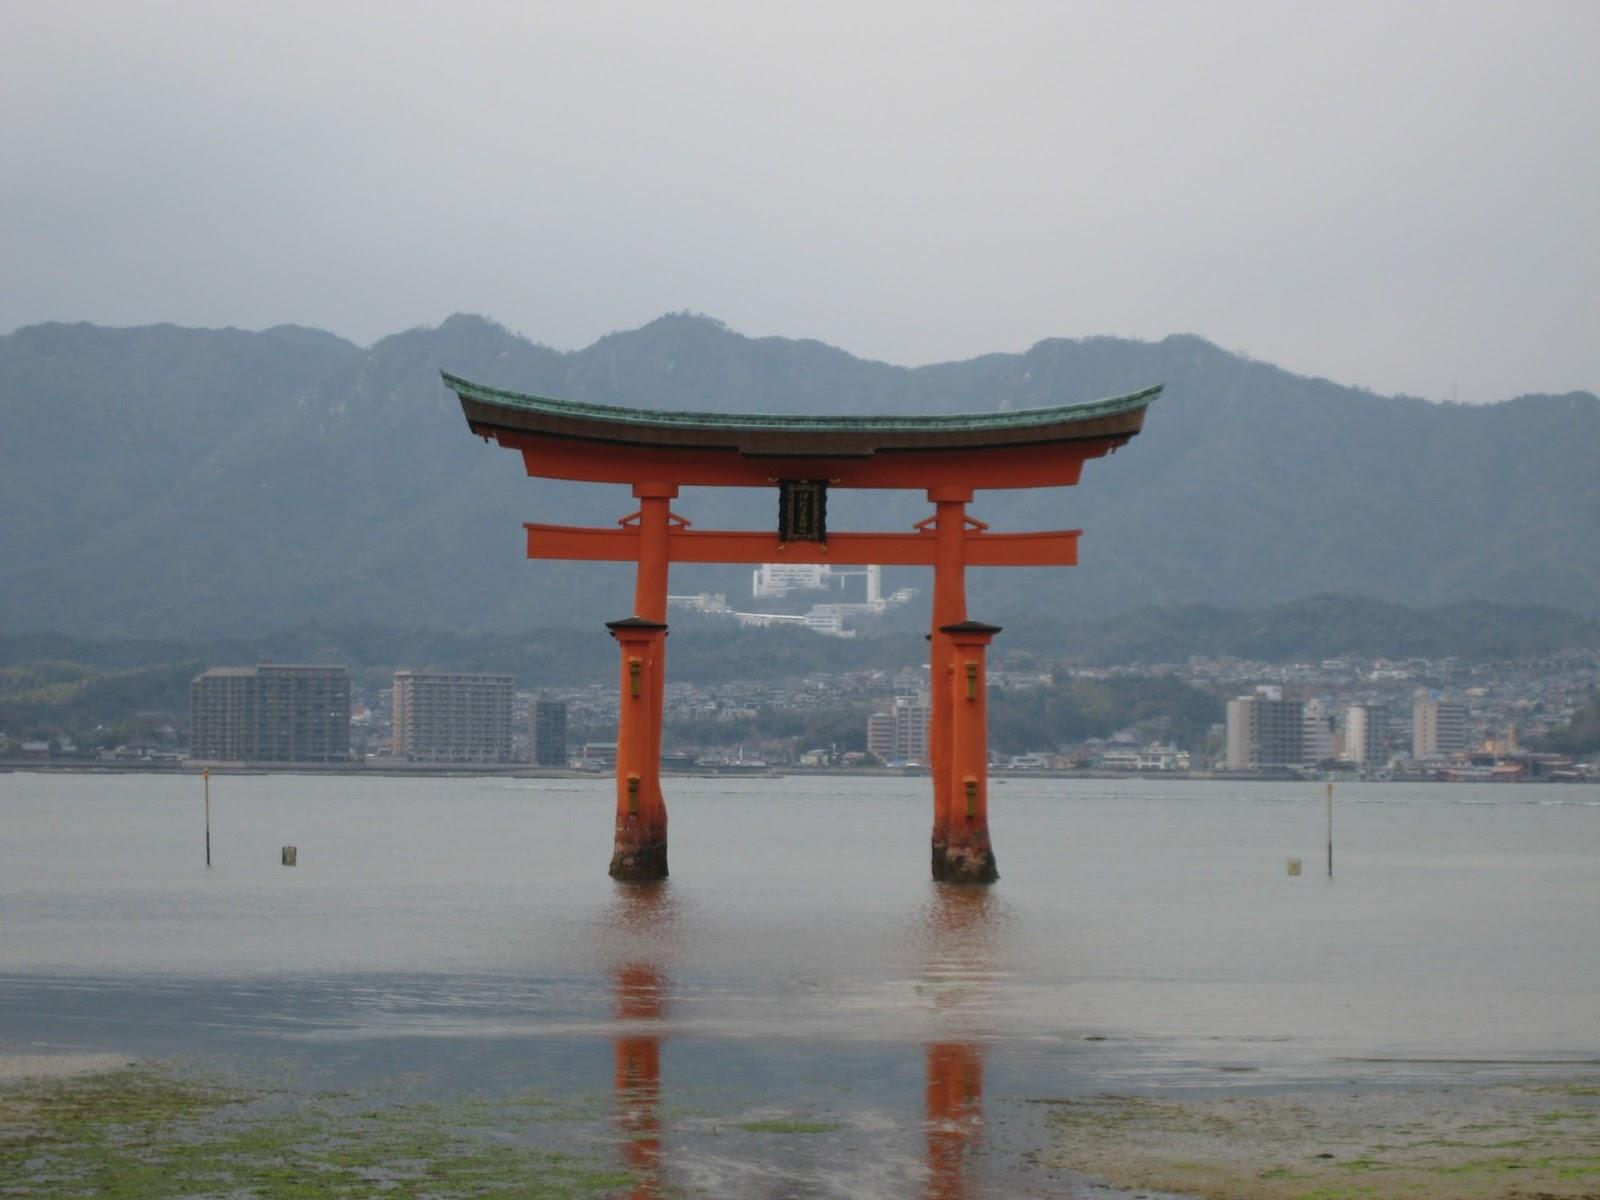 Patrimonio de la Humanidad en Asia y Oceanía. Japón. Santuario Itsukushima.